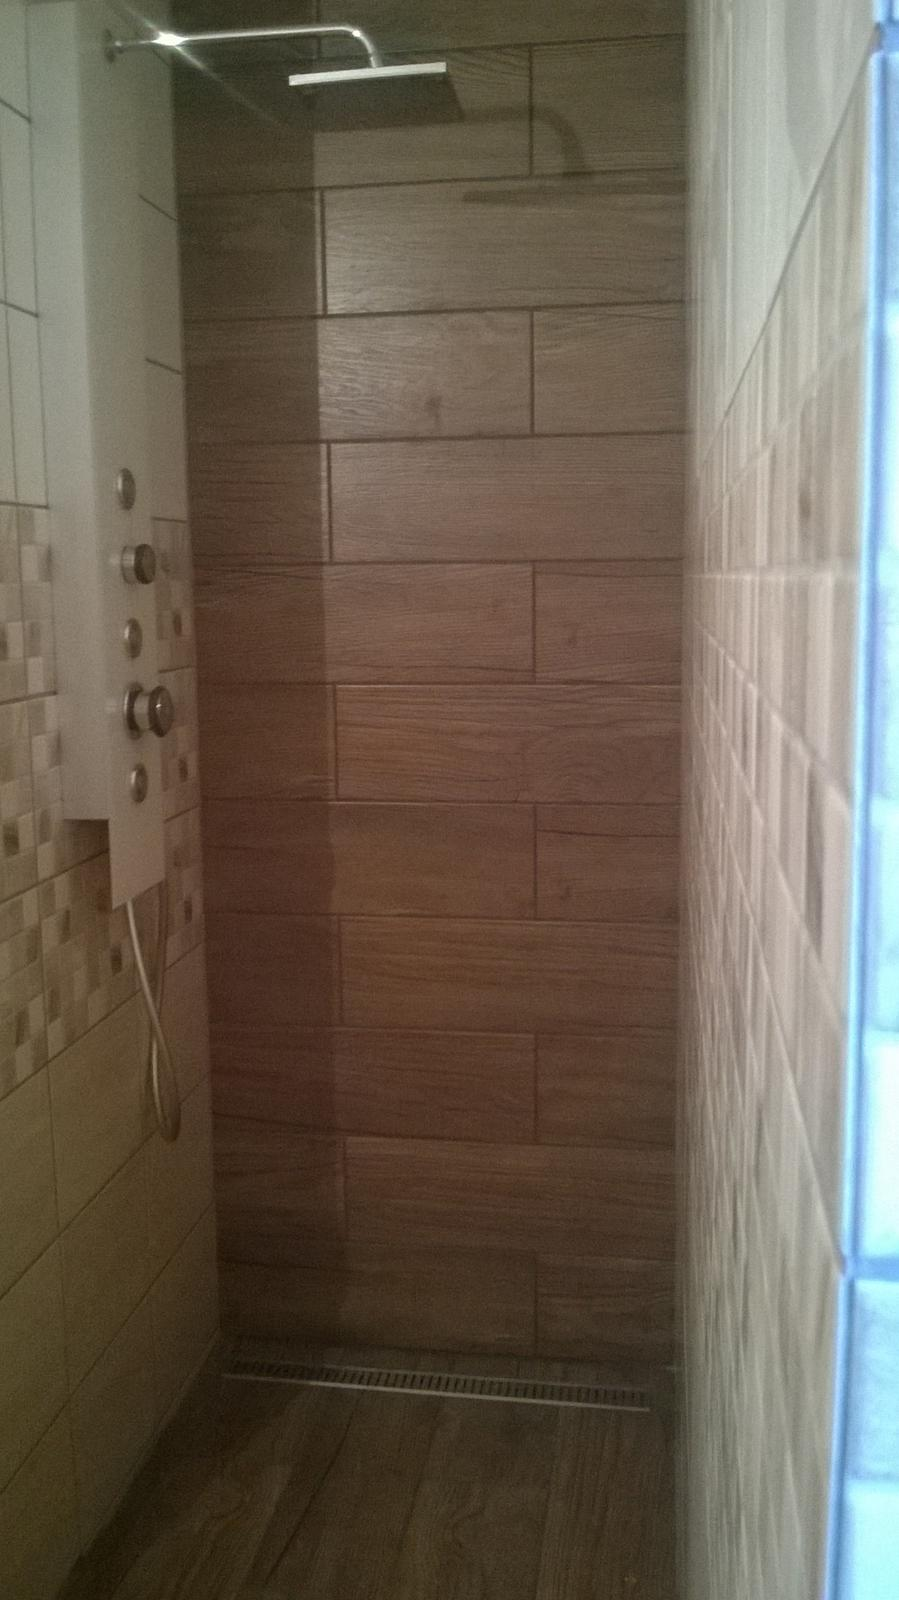 Stavba pasivního domu - Finále sprchového koutu - masážní panel a odtokový žlab nainstalován.